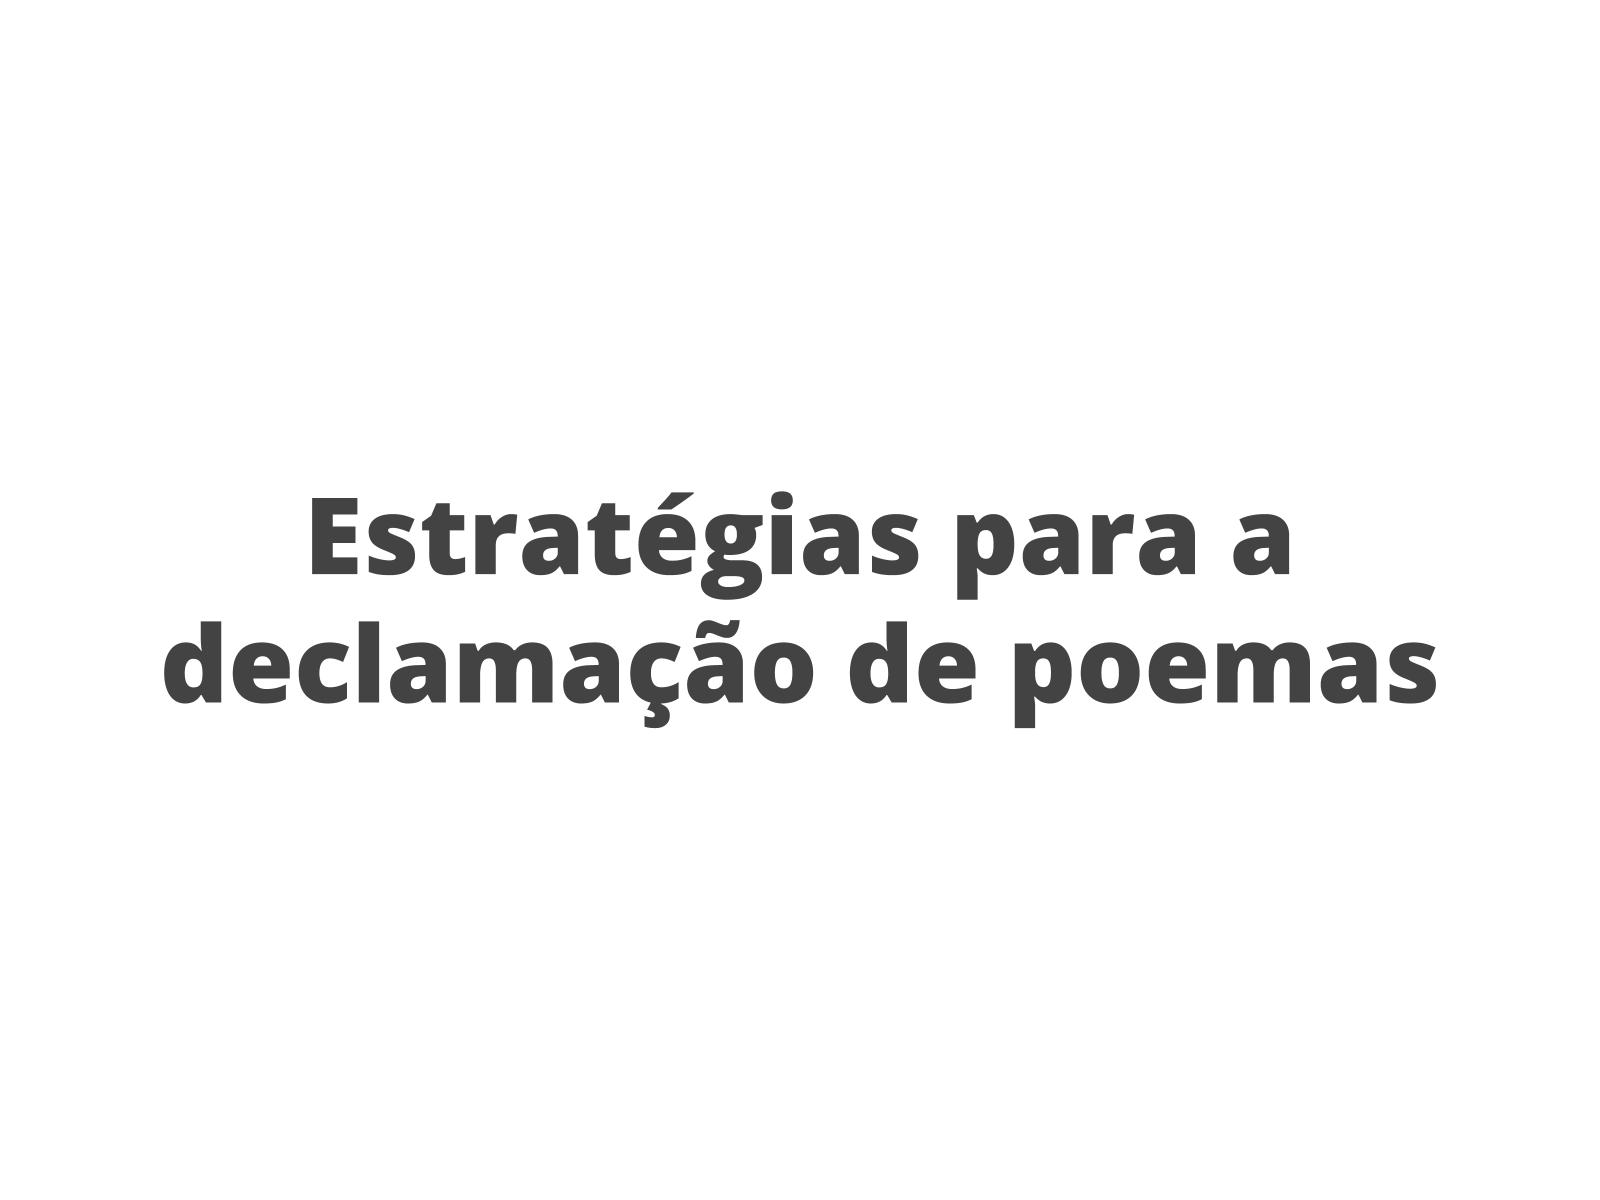 Estratégias para a declamação de poemas